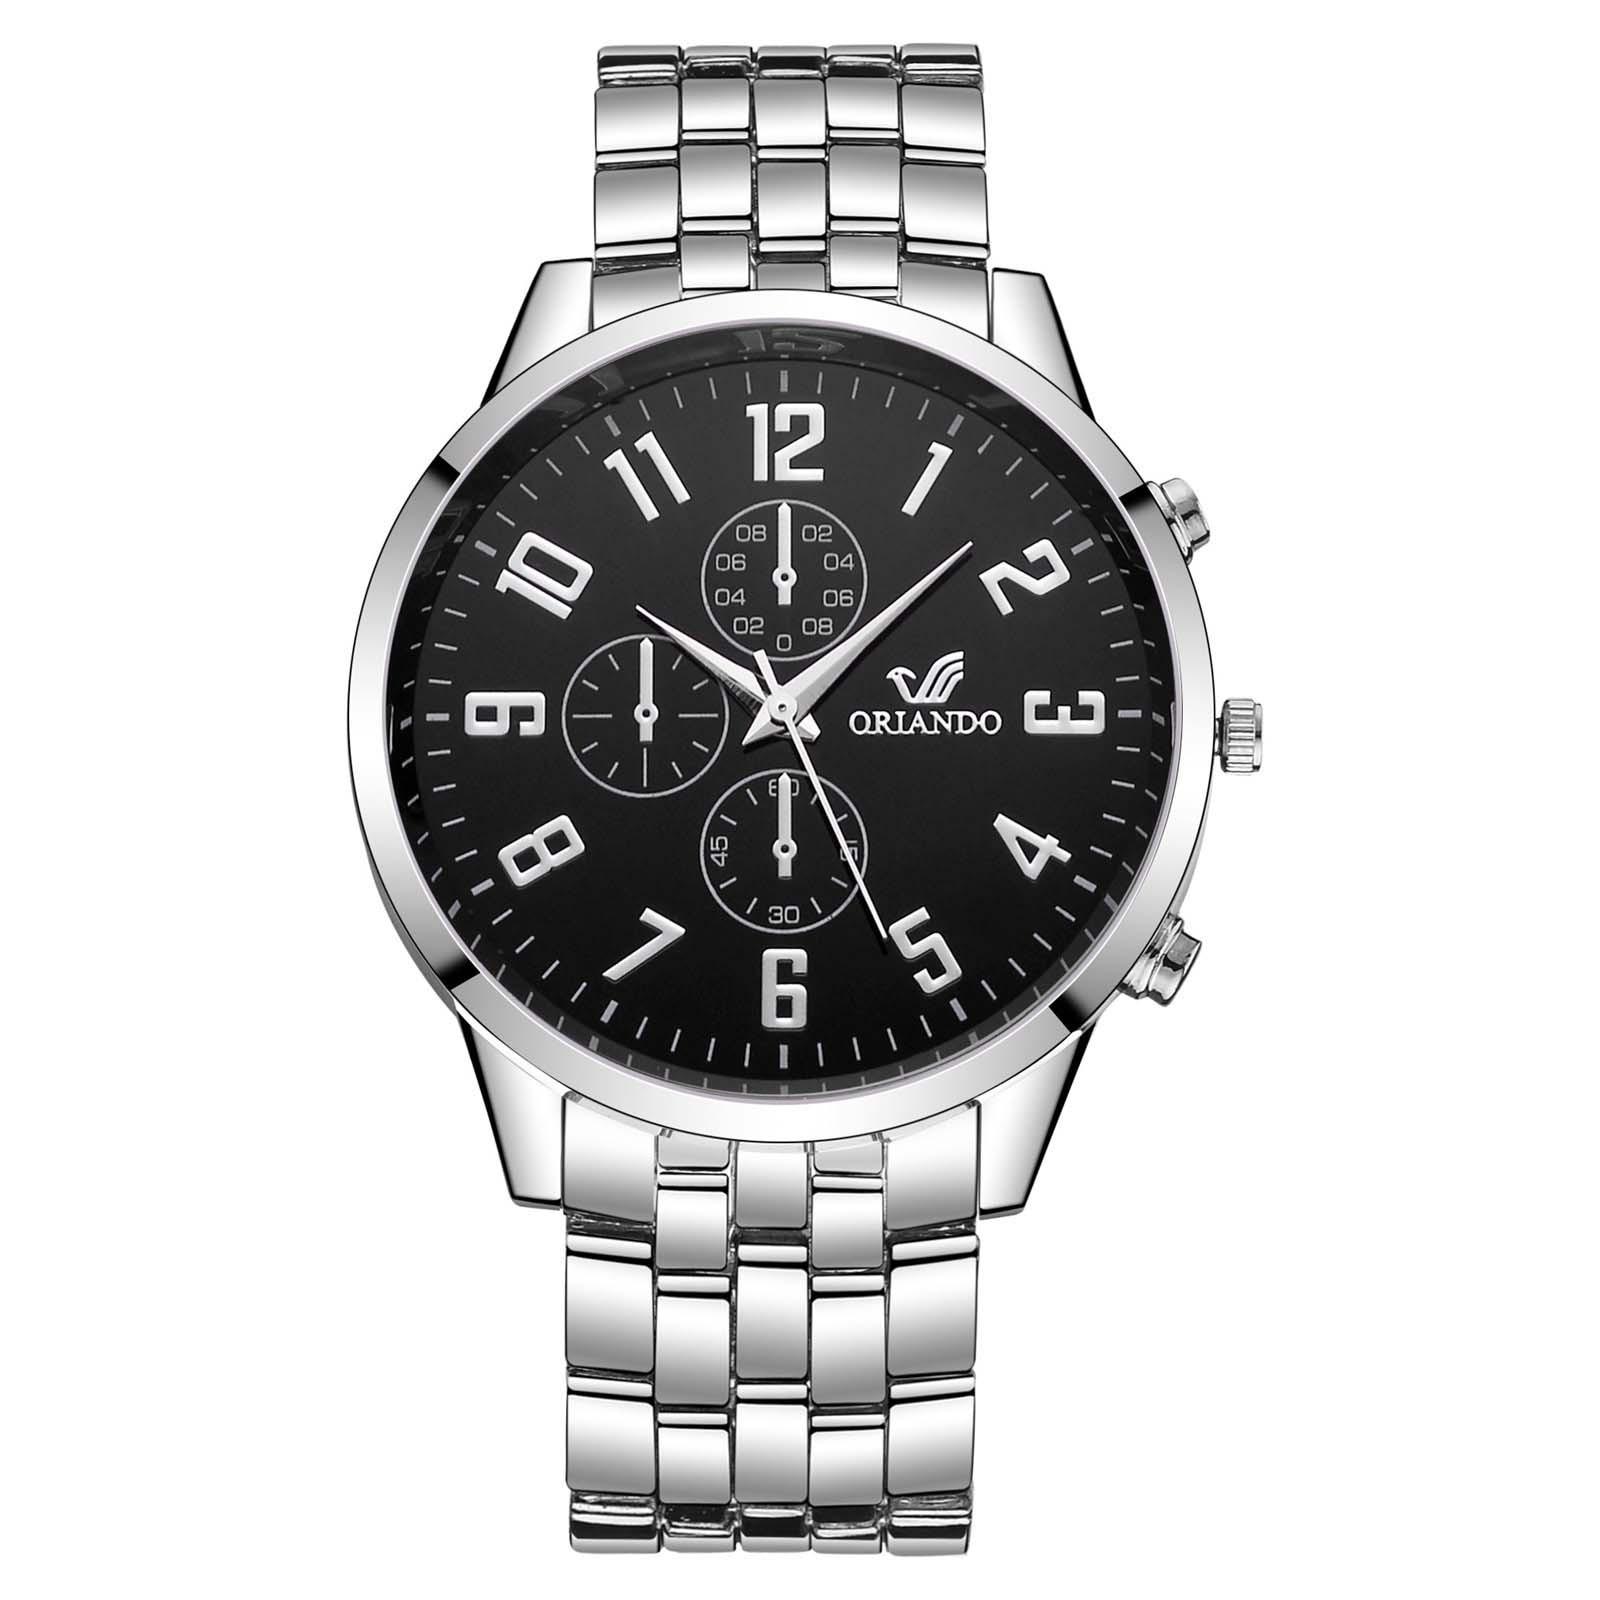 גברים של שעוני יד שעון אופנה שעון שעון מזדמן נירוסטה שמלת יד קריסטל תכשיטי relogio masculino zegarek męski